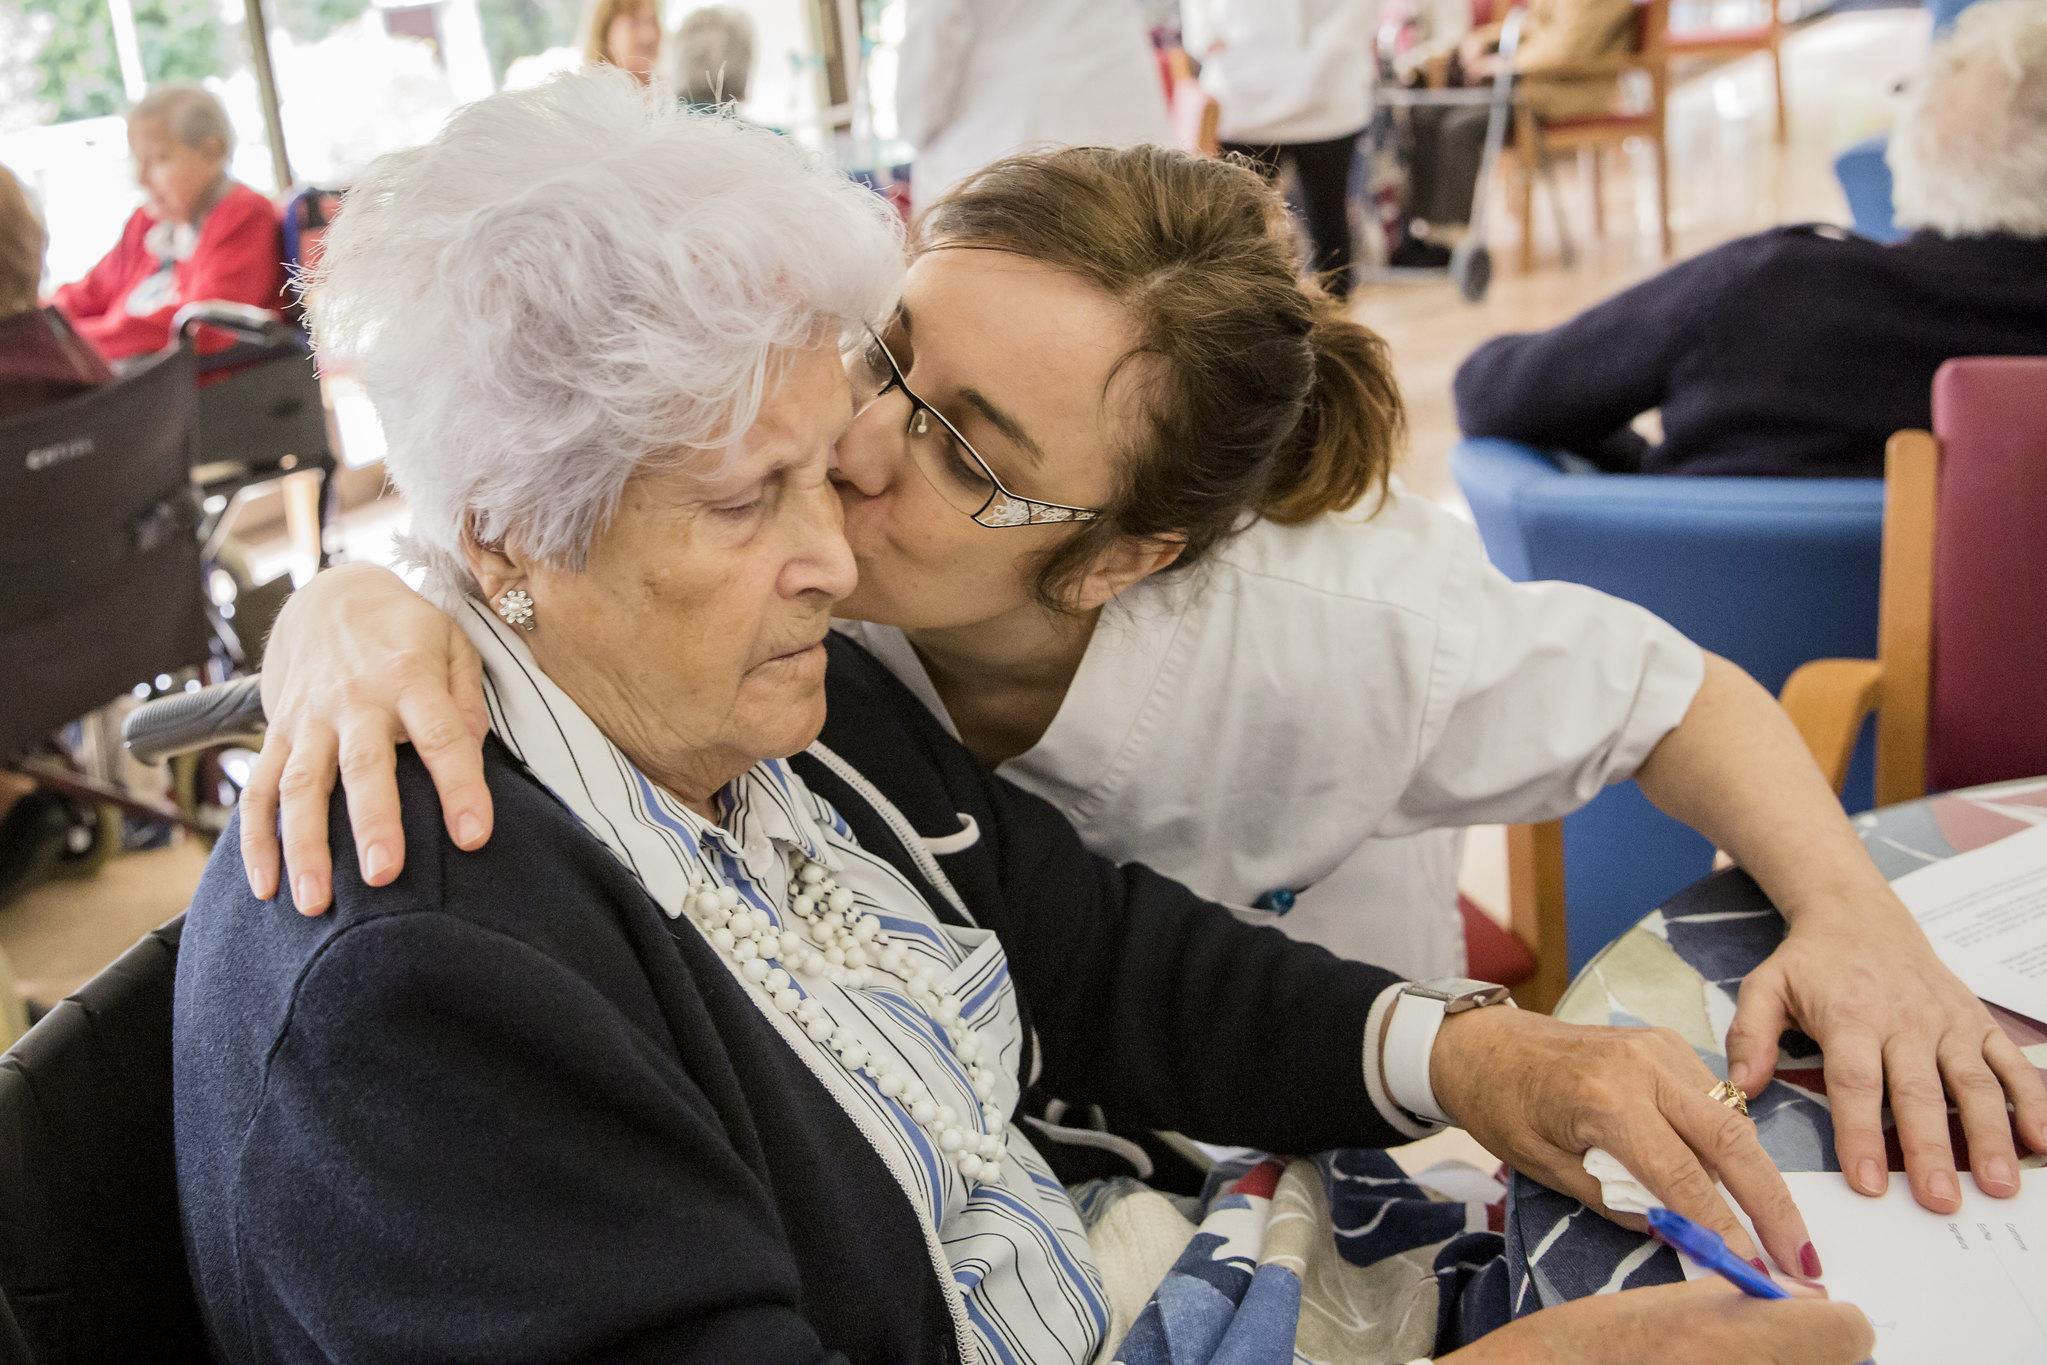 El liderazgo enfermero en centros de larga estancia, clave para la calidad asistencial